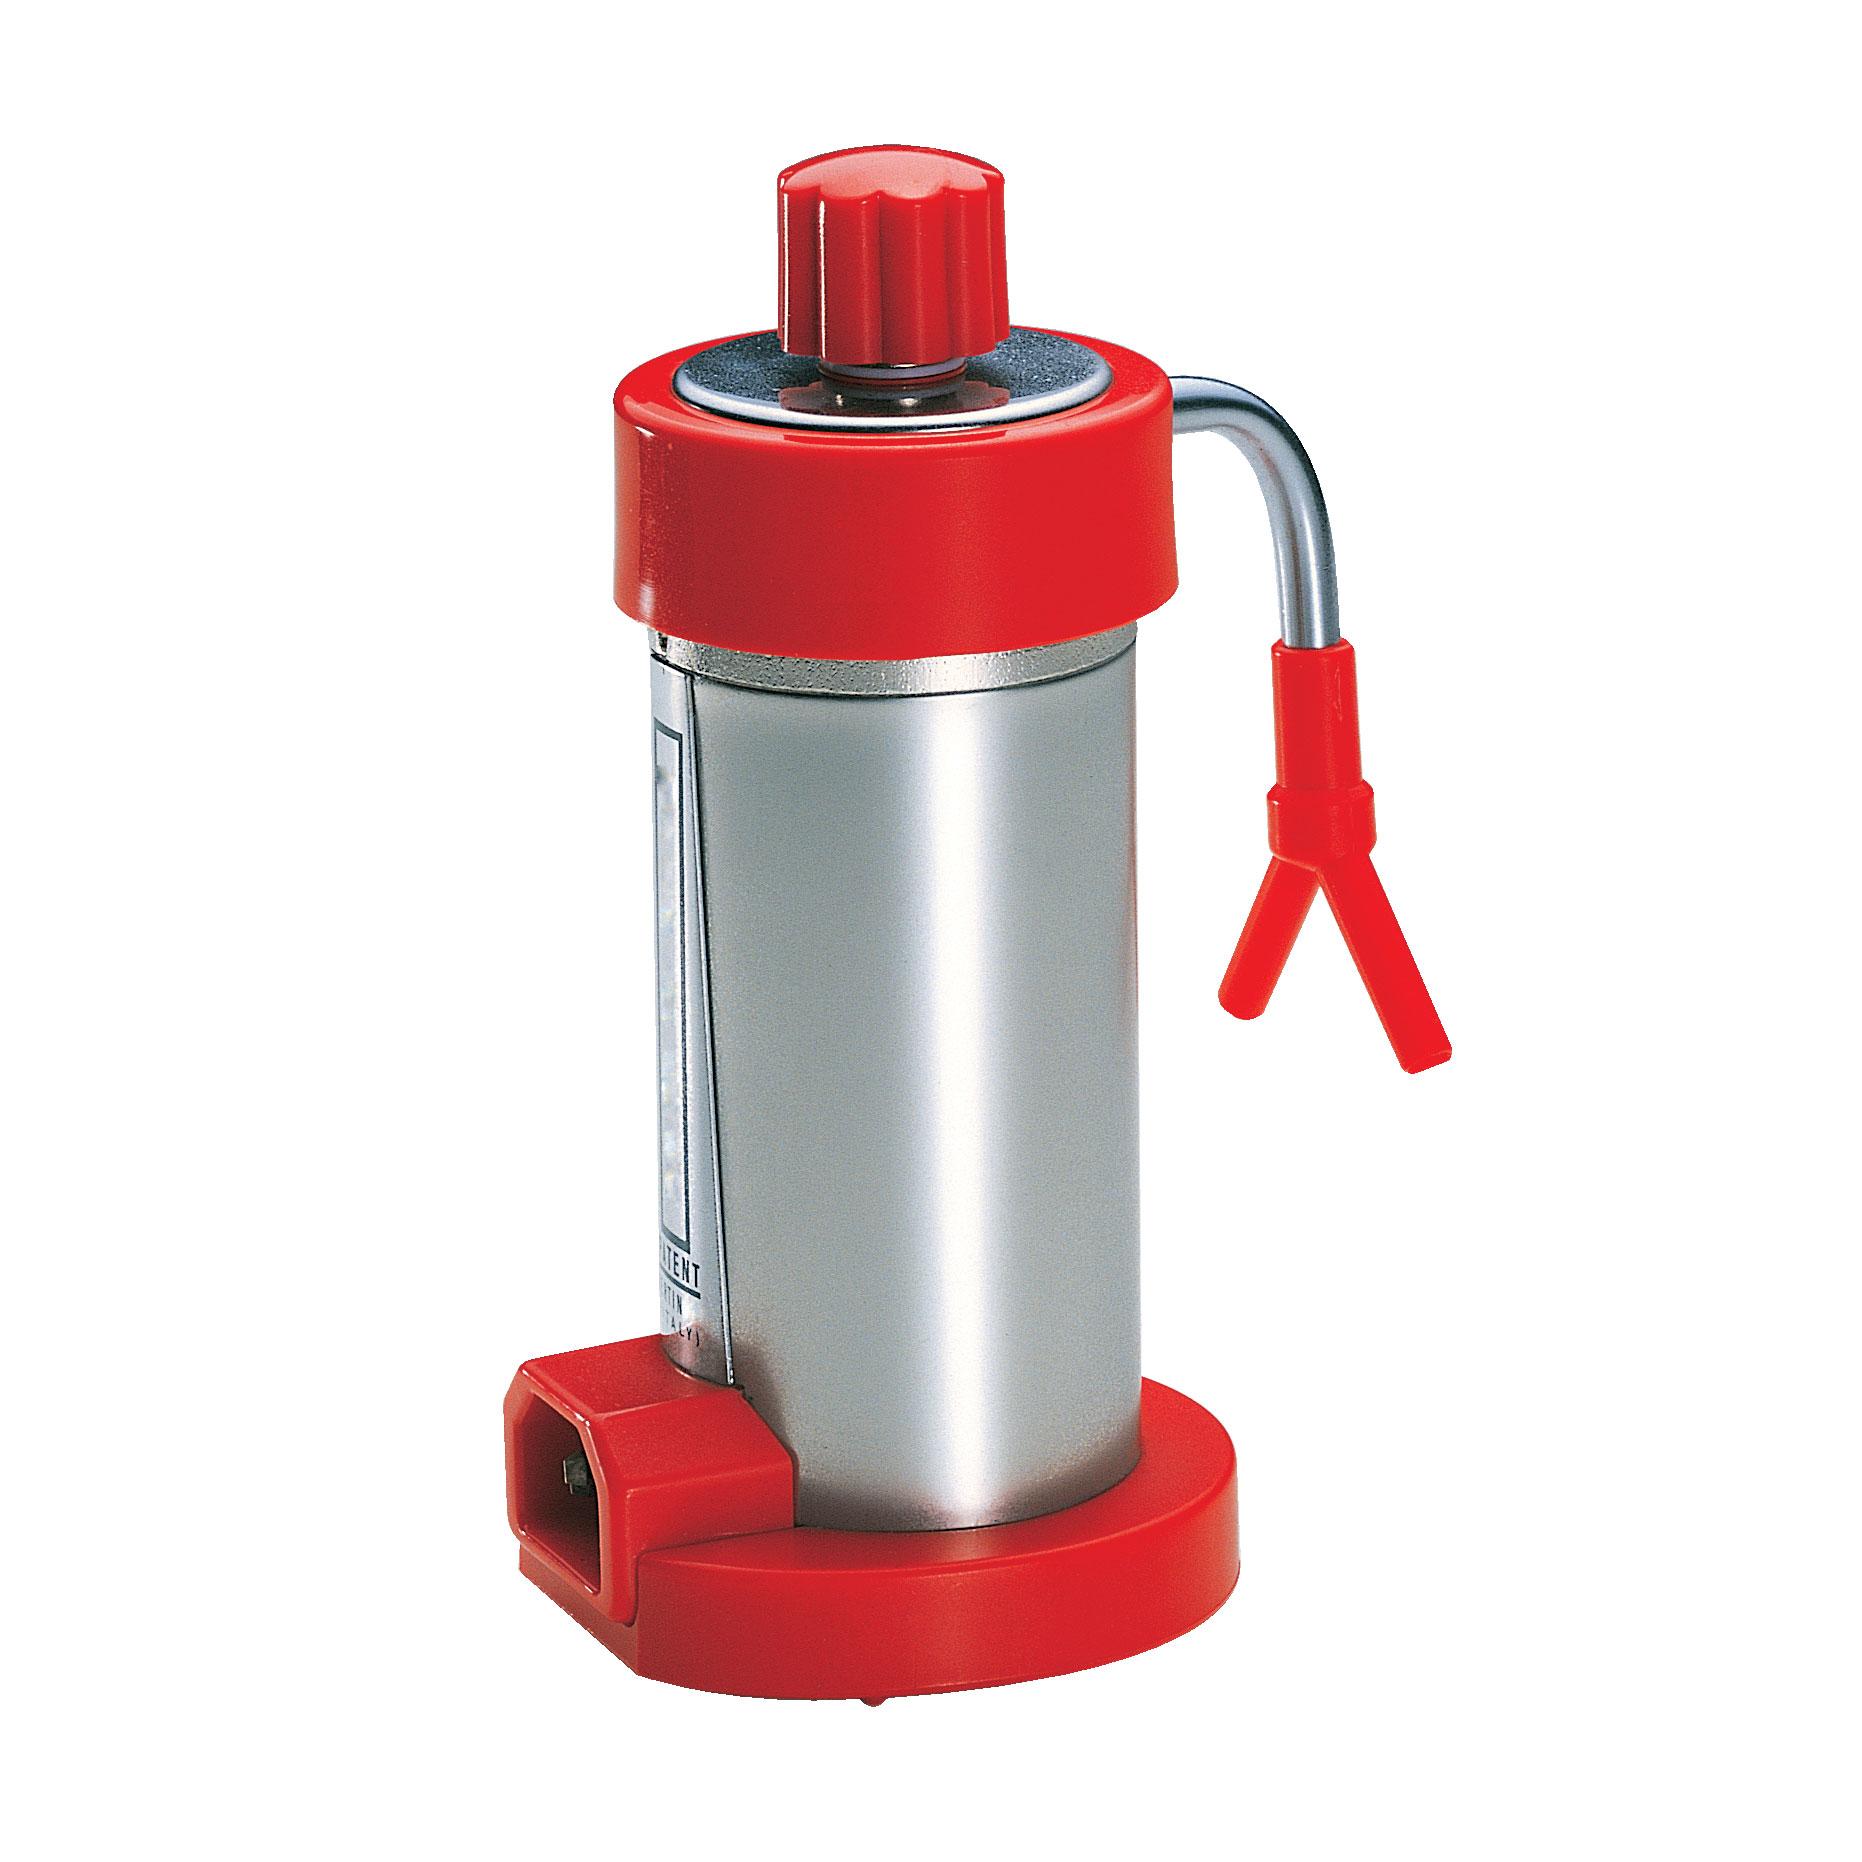 Electric Coffee Maker ~ Electric coffee maker cups machines electro